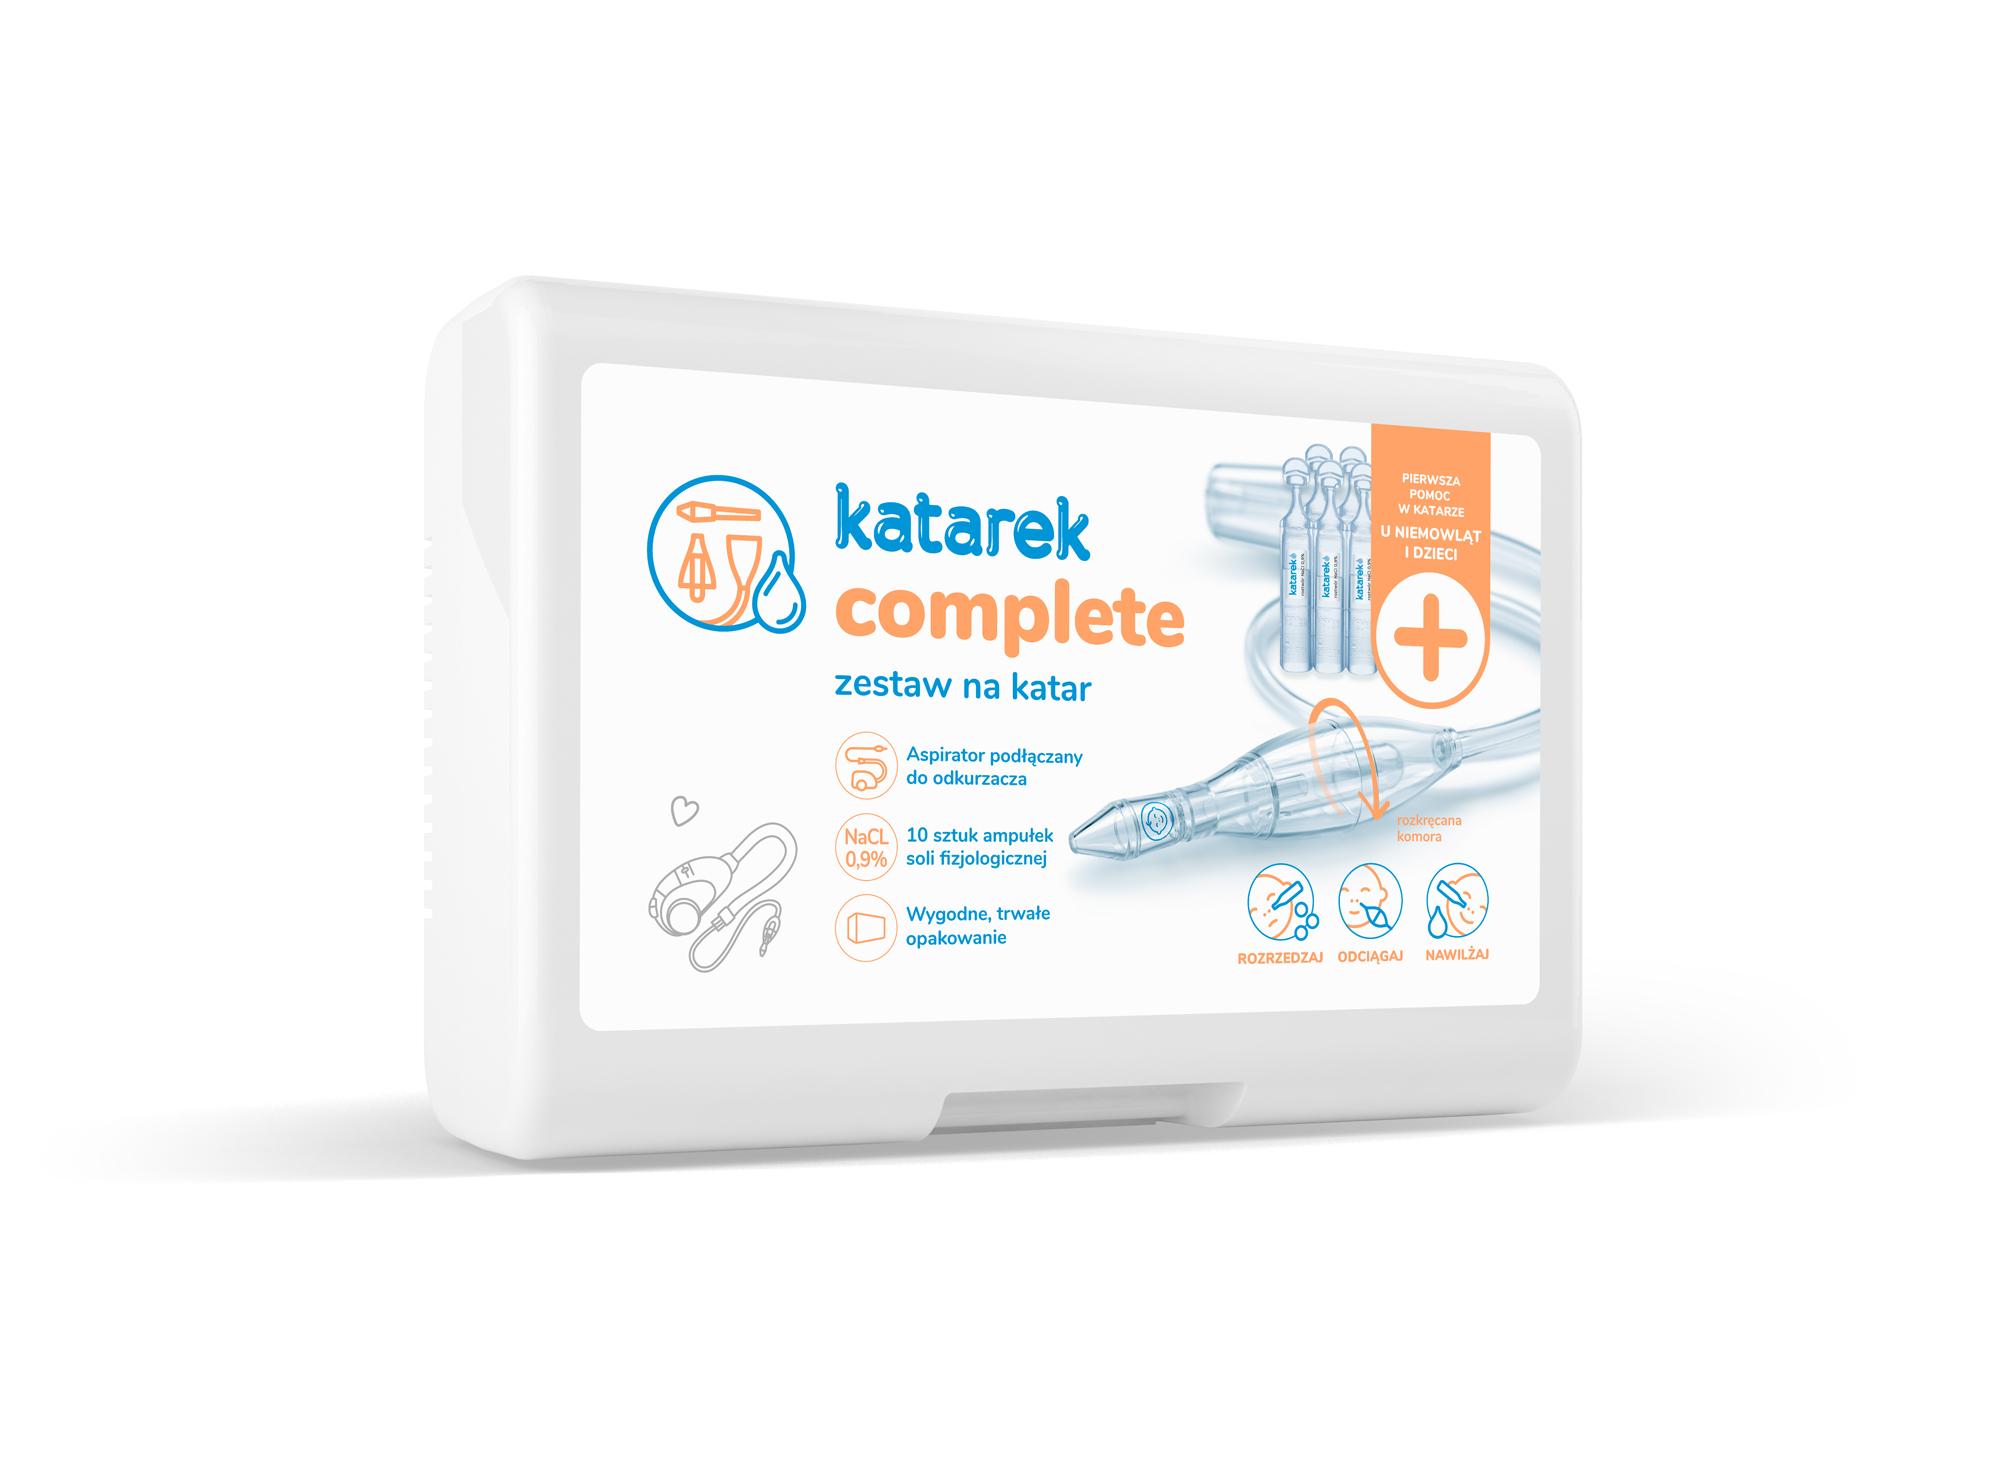 Aspirator Katarek Complete - odciągacz kataru w zestawie z solą fizjologiczną